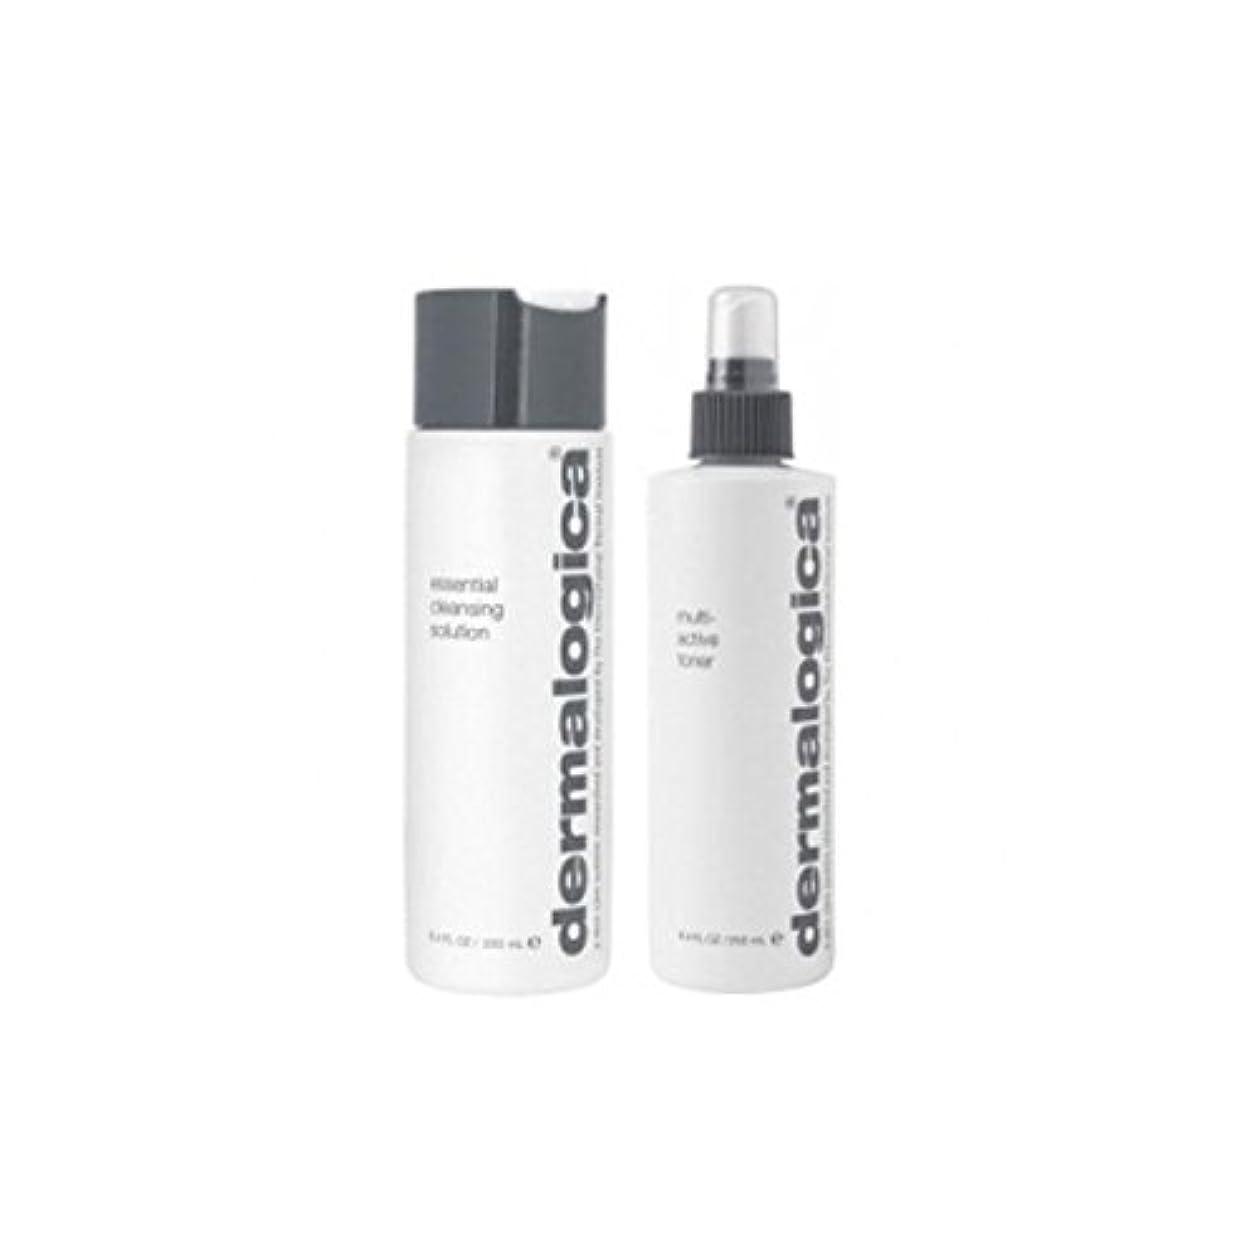 スキャン分子ポークダーマロジカクレンジング&トーンデュオ - 乾燥肌 x4 - Dermalogica Cleanse & Tone Duo - Dry Skin (Pack of 4) [並行輸入品]